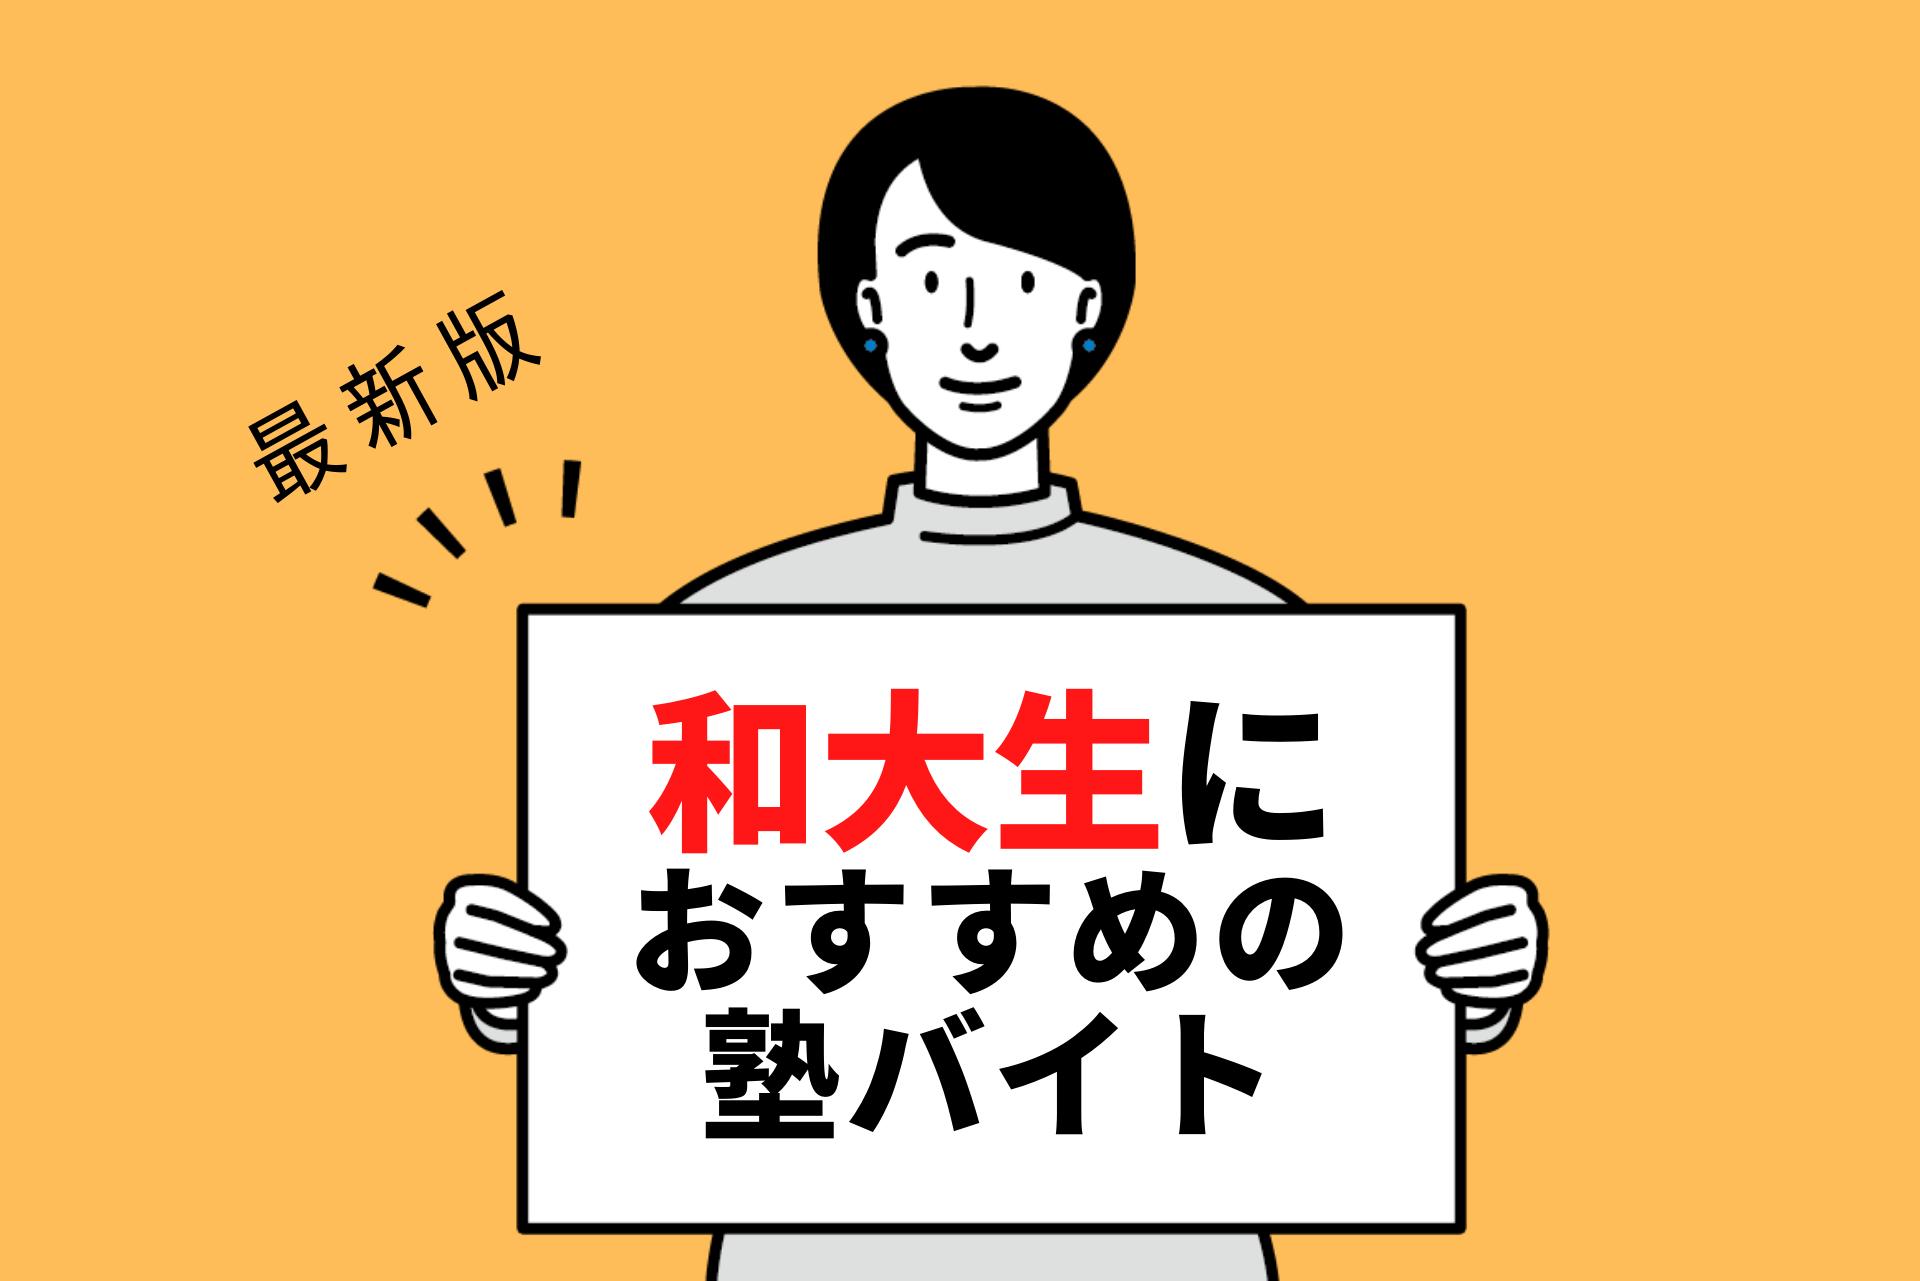 和歌山大学の学生さんにおすすめの塾